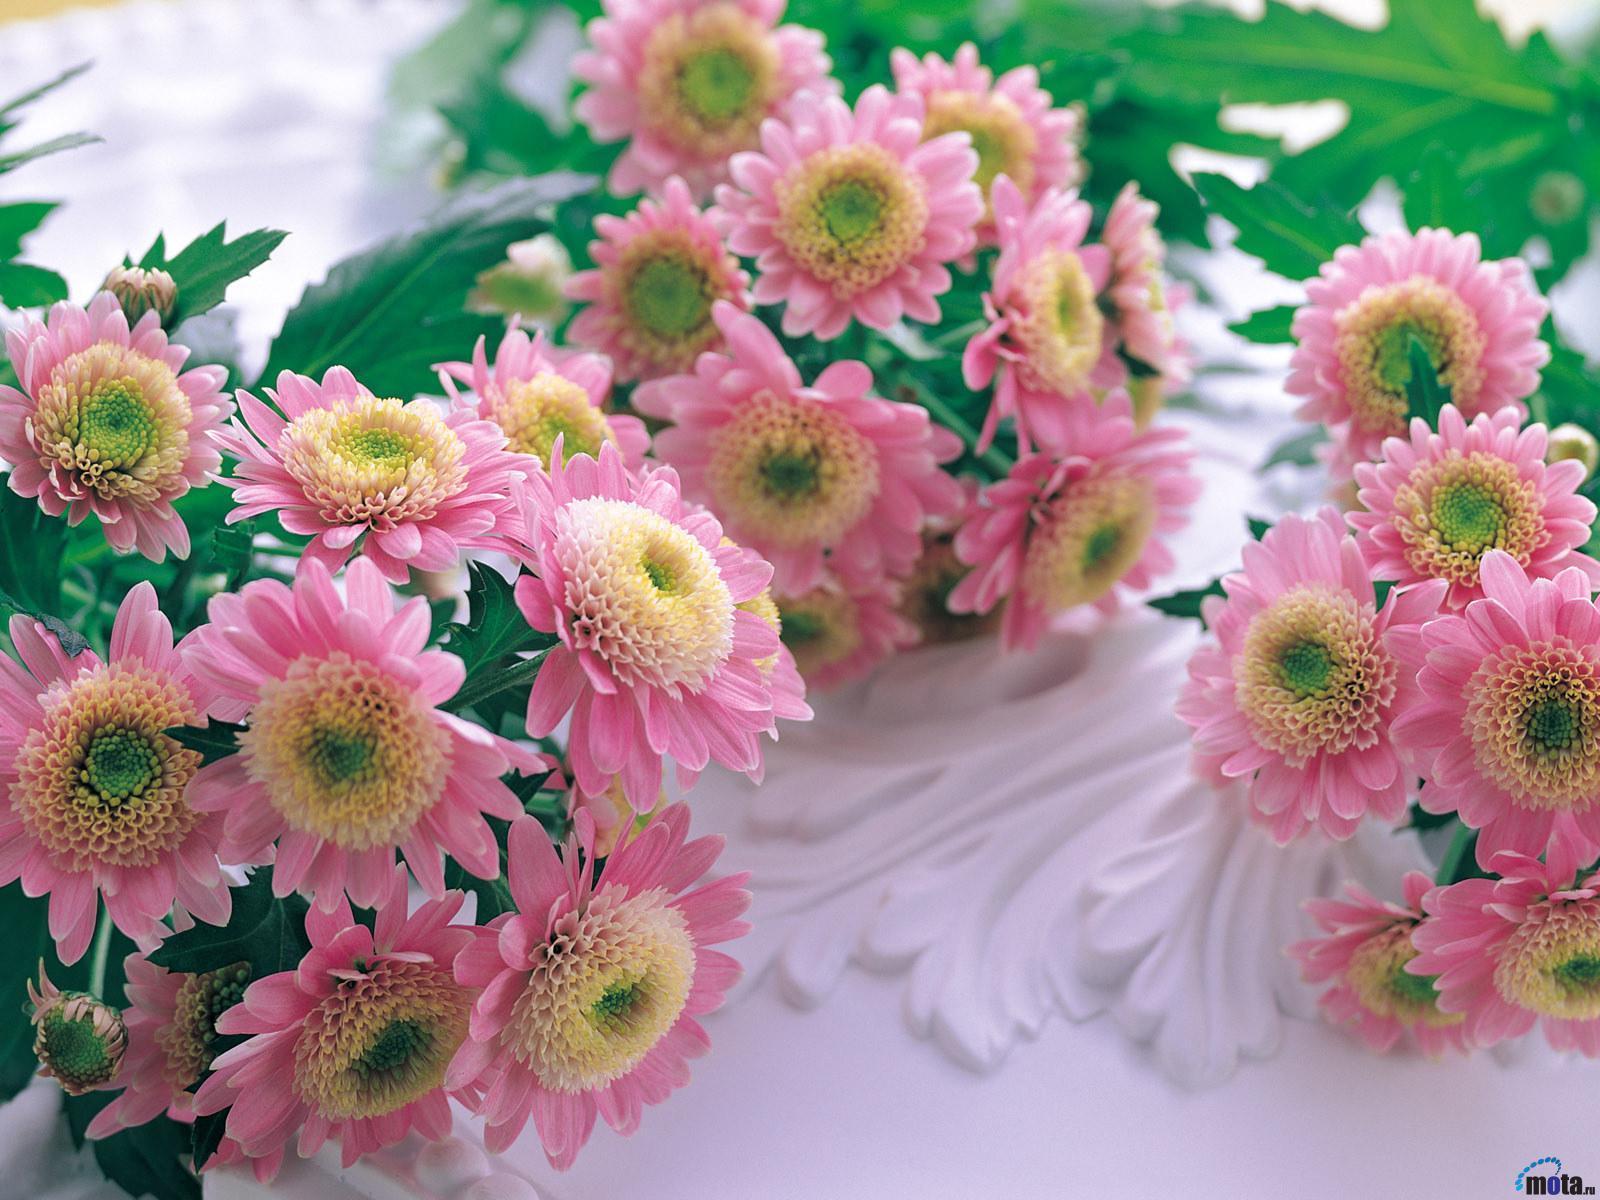 15747 descargar fondo de pantalla Plantas, Flores: protectores de pantalla e imágenes gratis